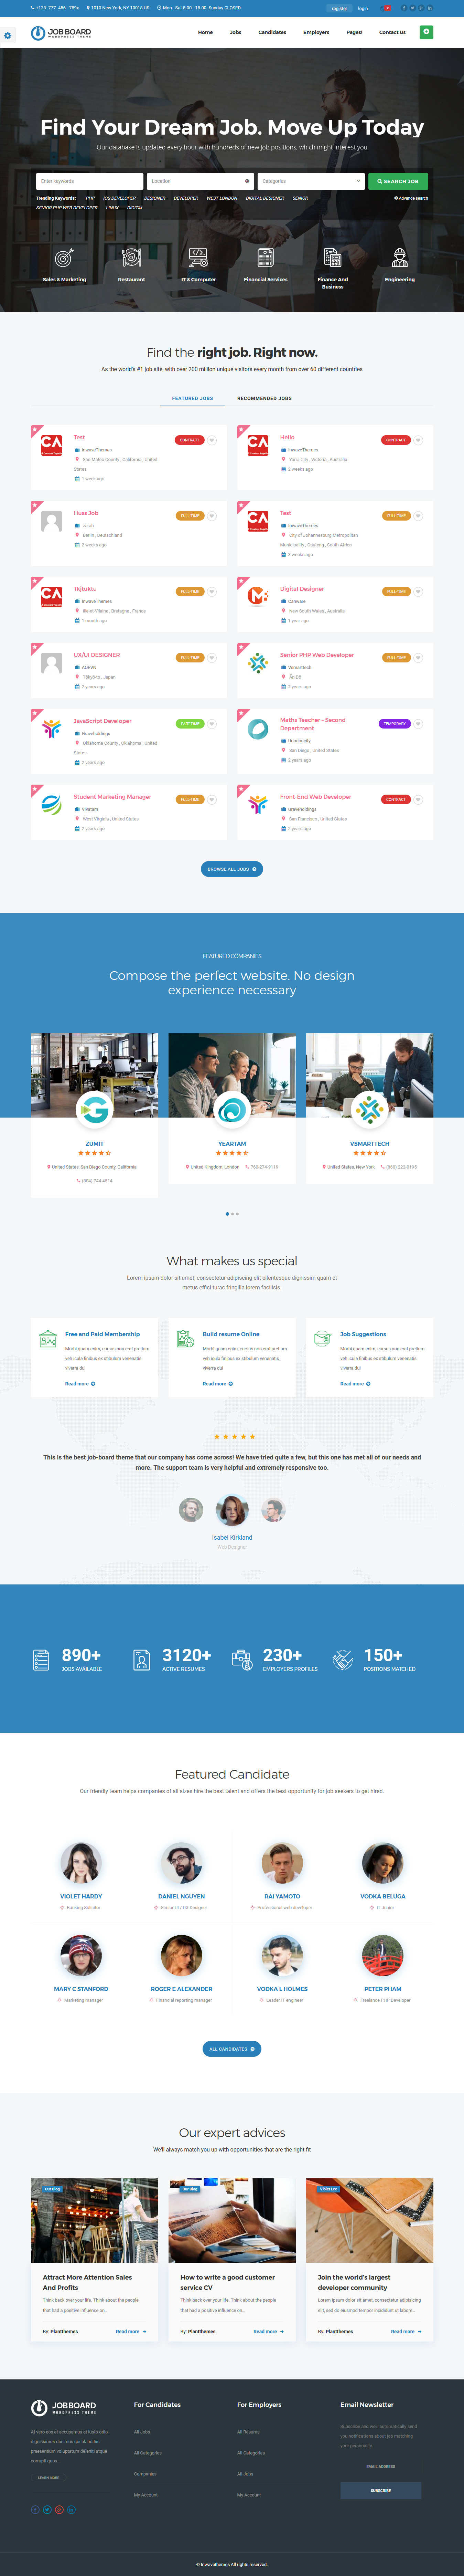 injob best premium job board wordpress theme - 10+ Best Premium Job Board WordPress Themes